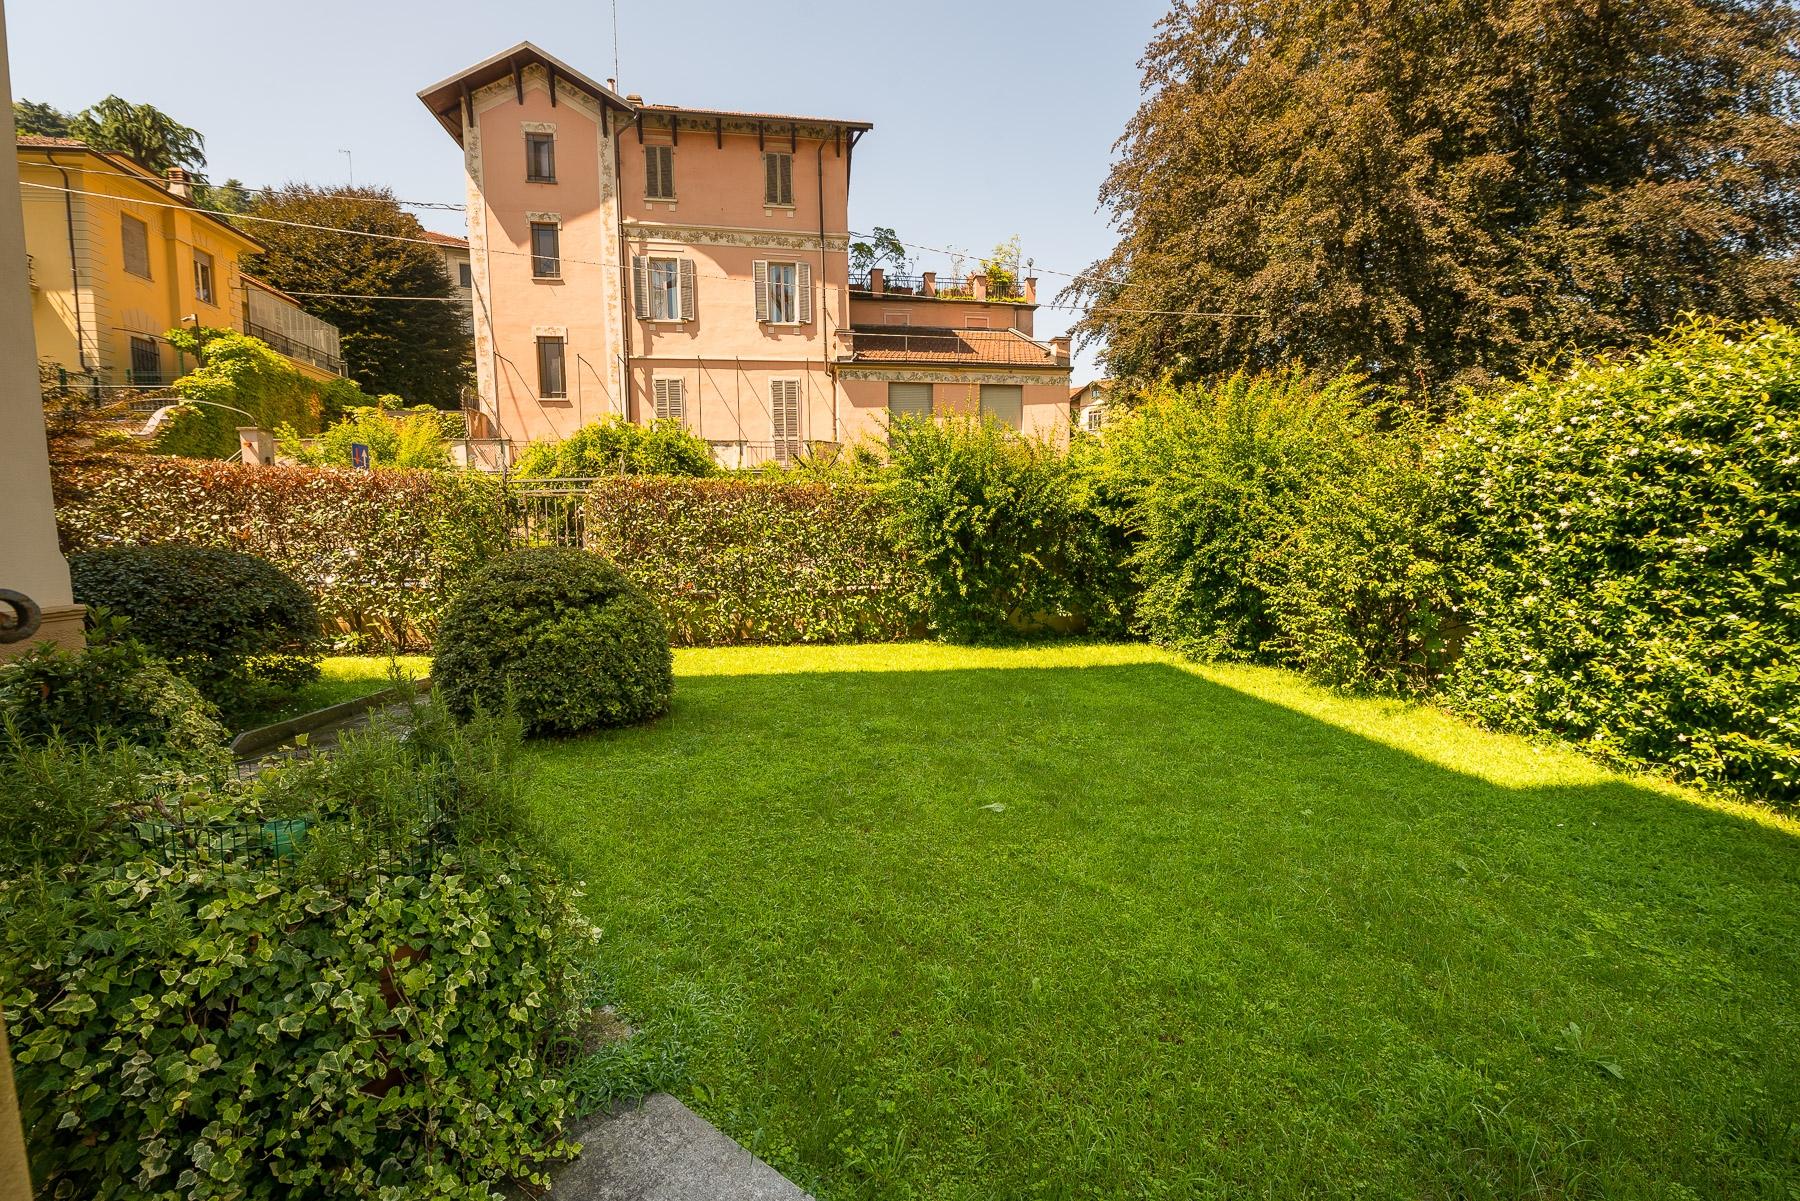 Villa in Vendita a Torino: 5 locali, 650 mq - Foto 4